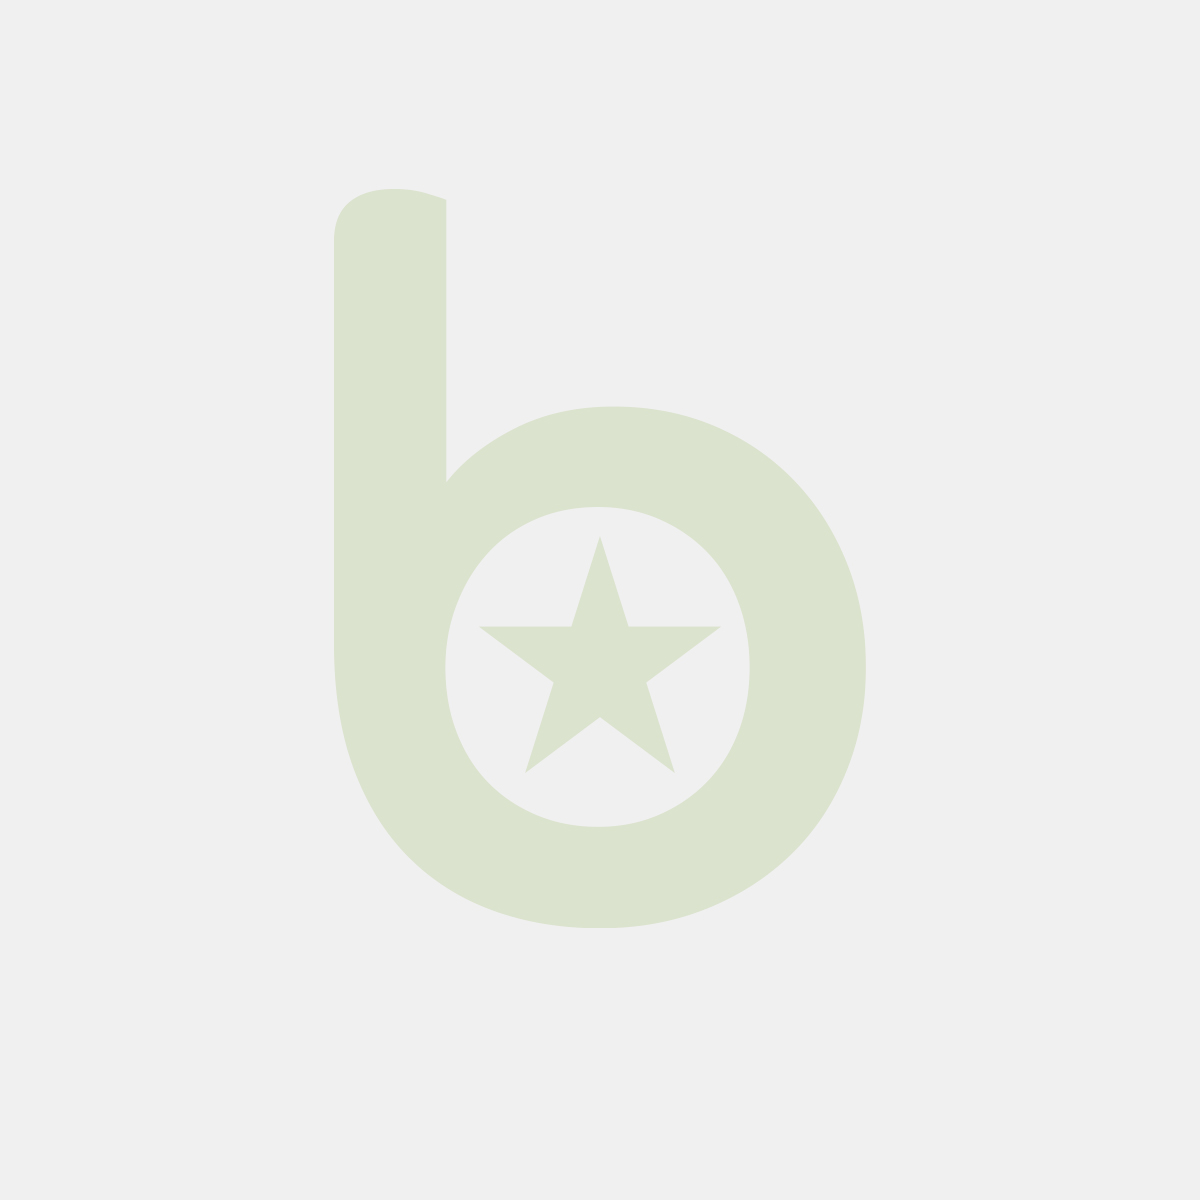 WKP-100-BS (ślubne) WYSTRZAŁOWE KONFETTI z BIAŁYMI SERCAMI, cena za 1 sztukę